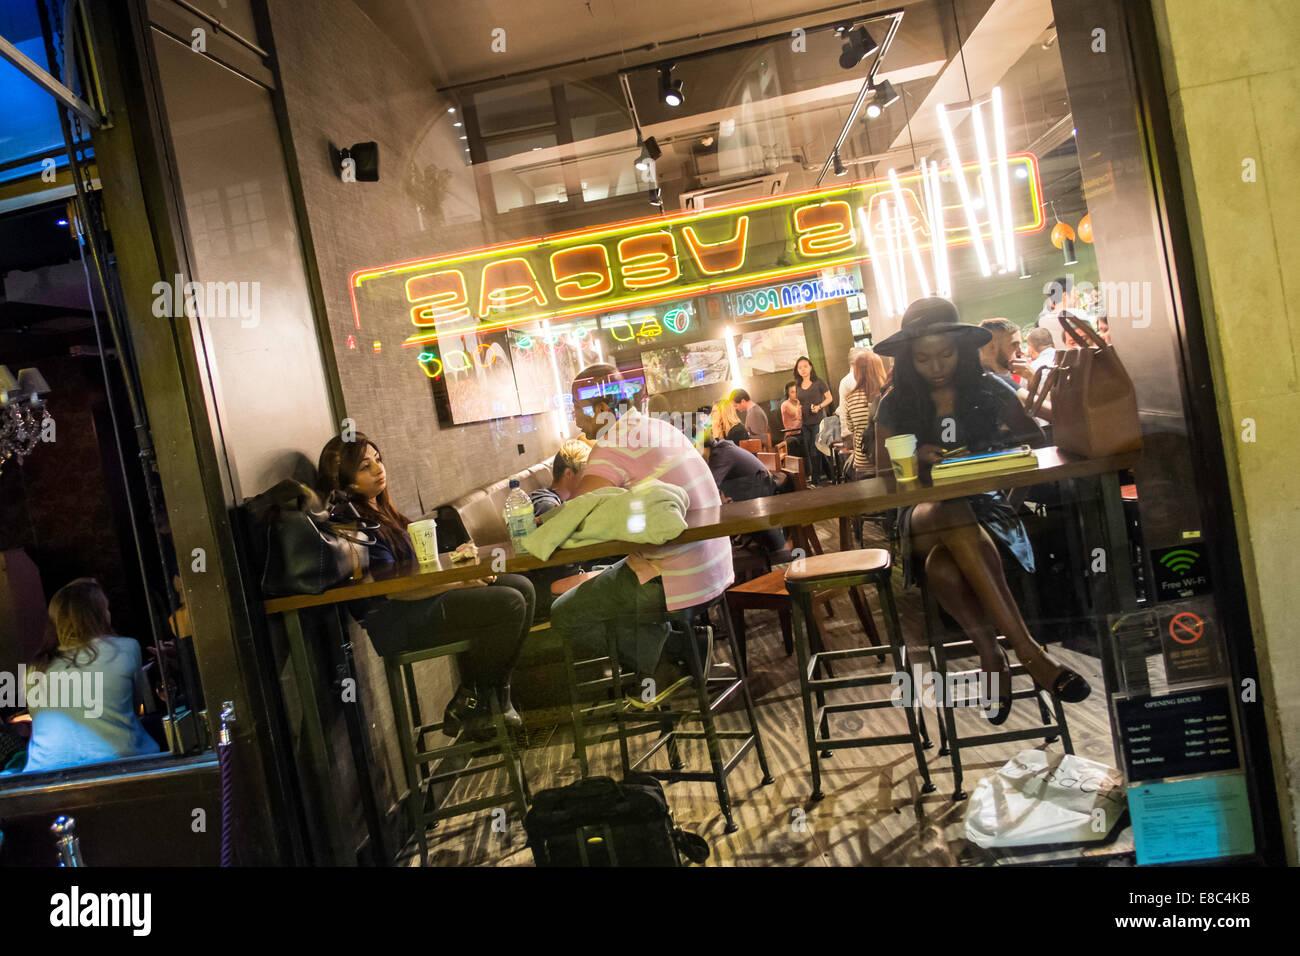 Cafe on Wardour Street, Soho, London, United Kingdom - Stock Image